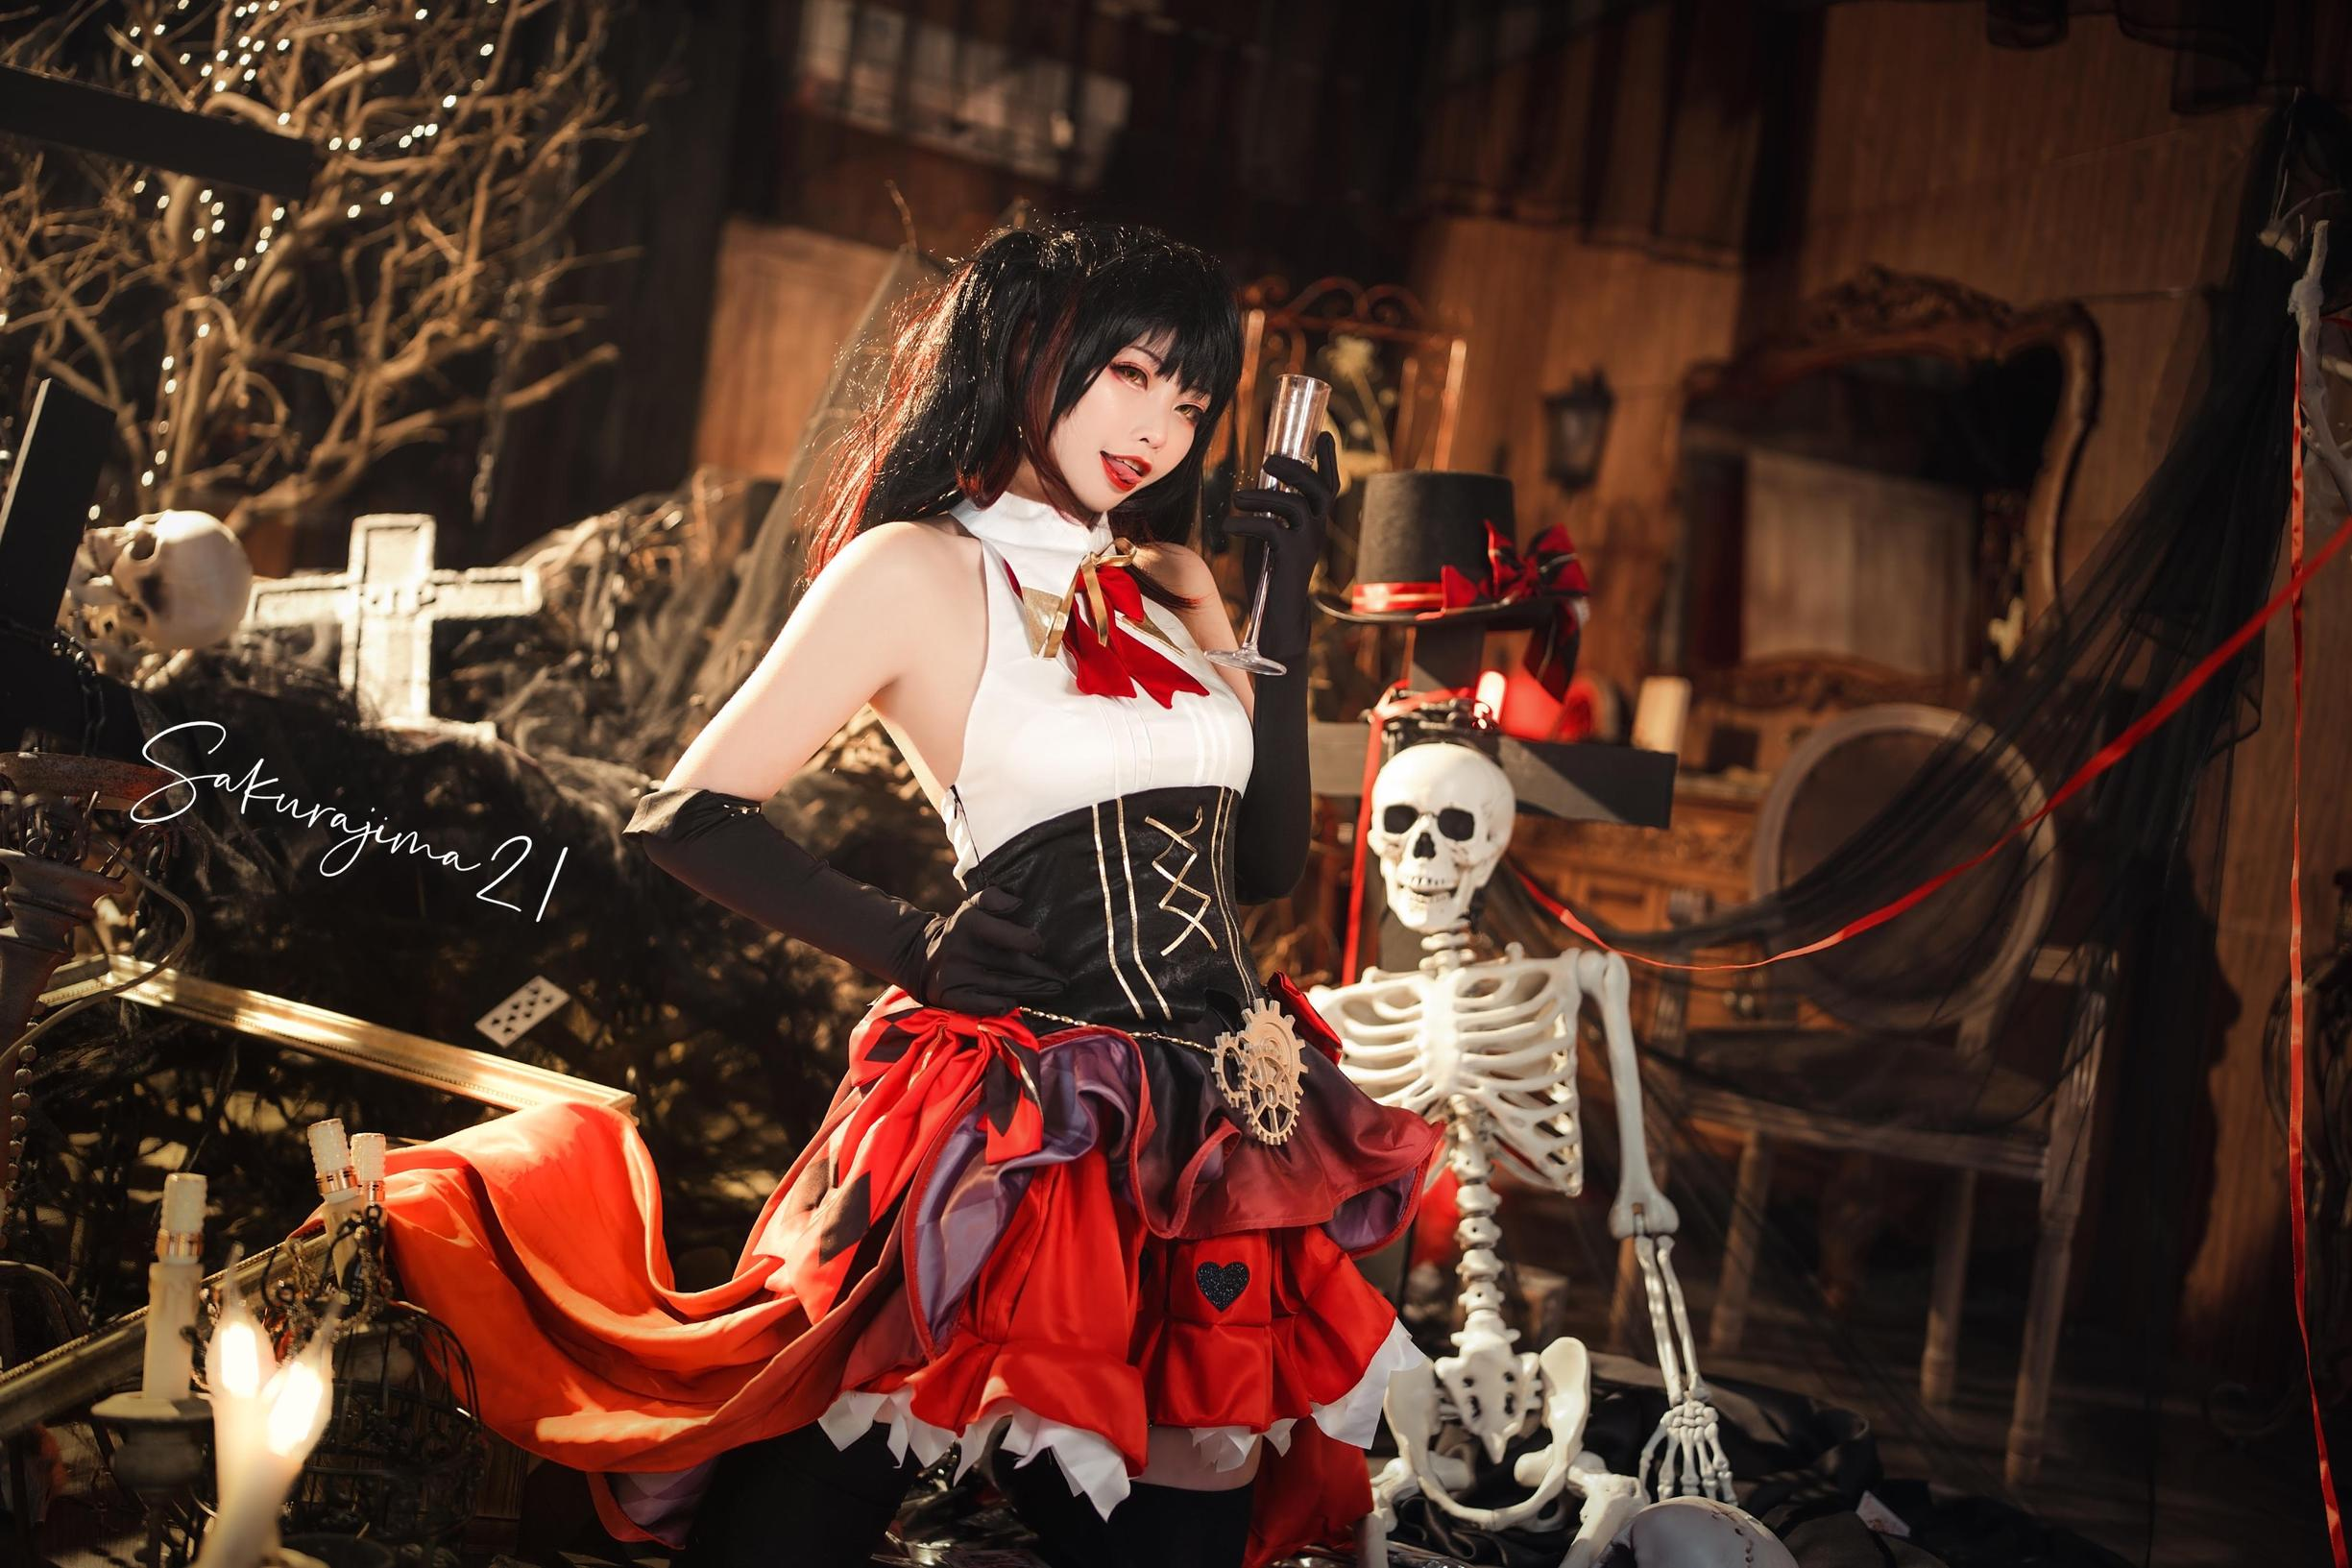 《约会大作战》时崎狂三cosplay【CN:樱岛嗷一】 -cosplay私人订制图片插图